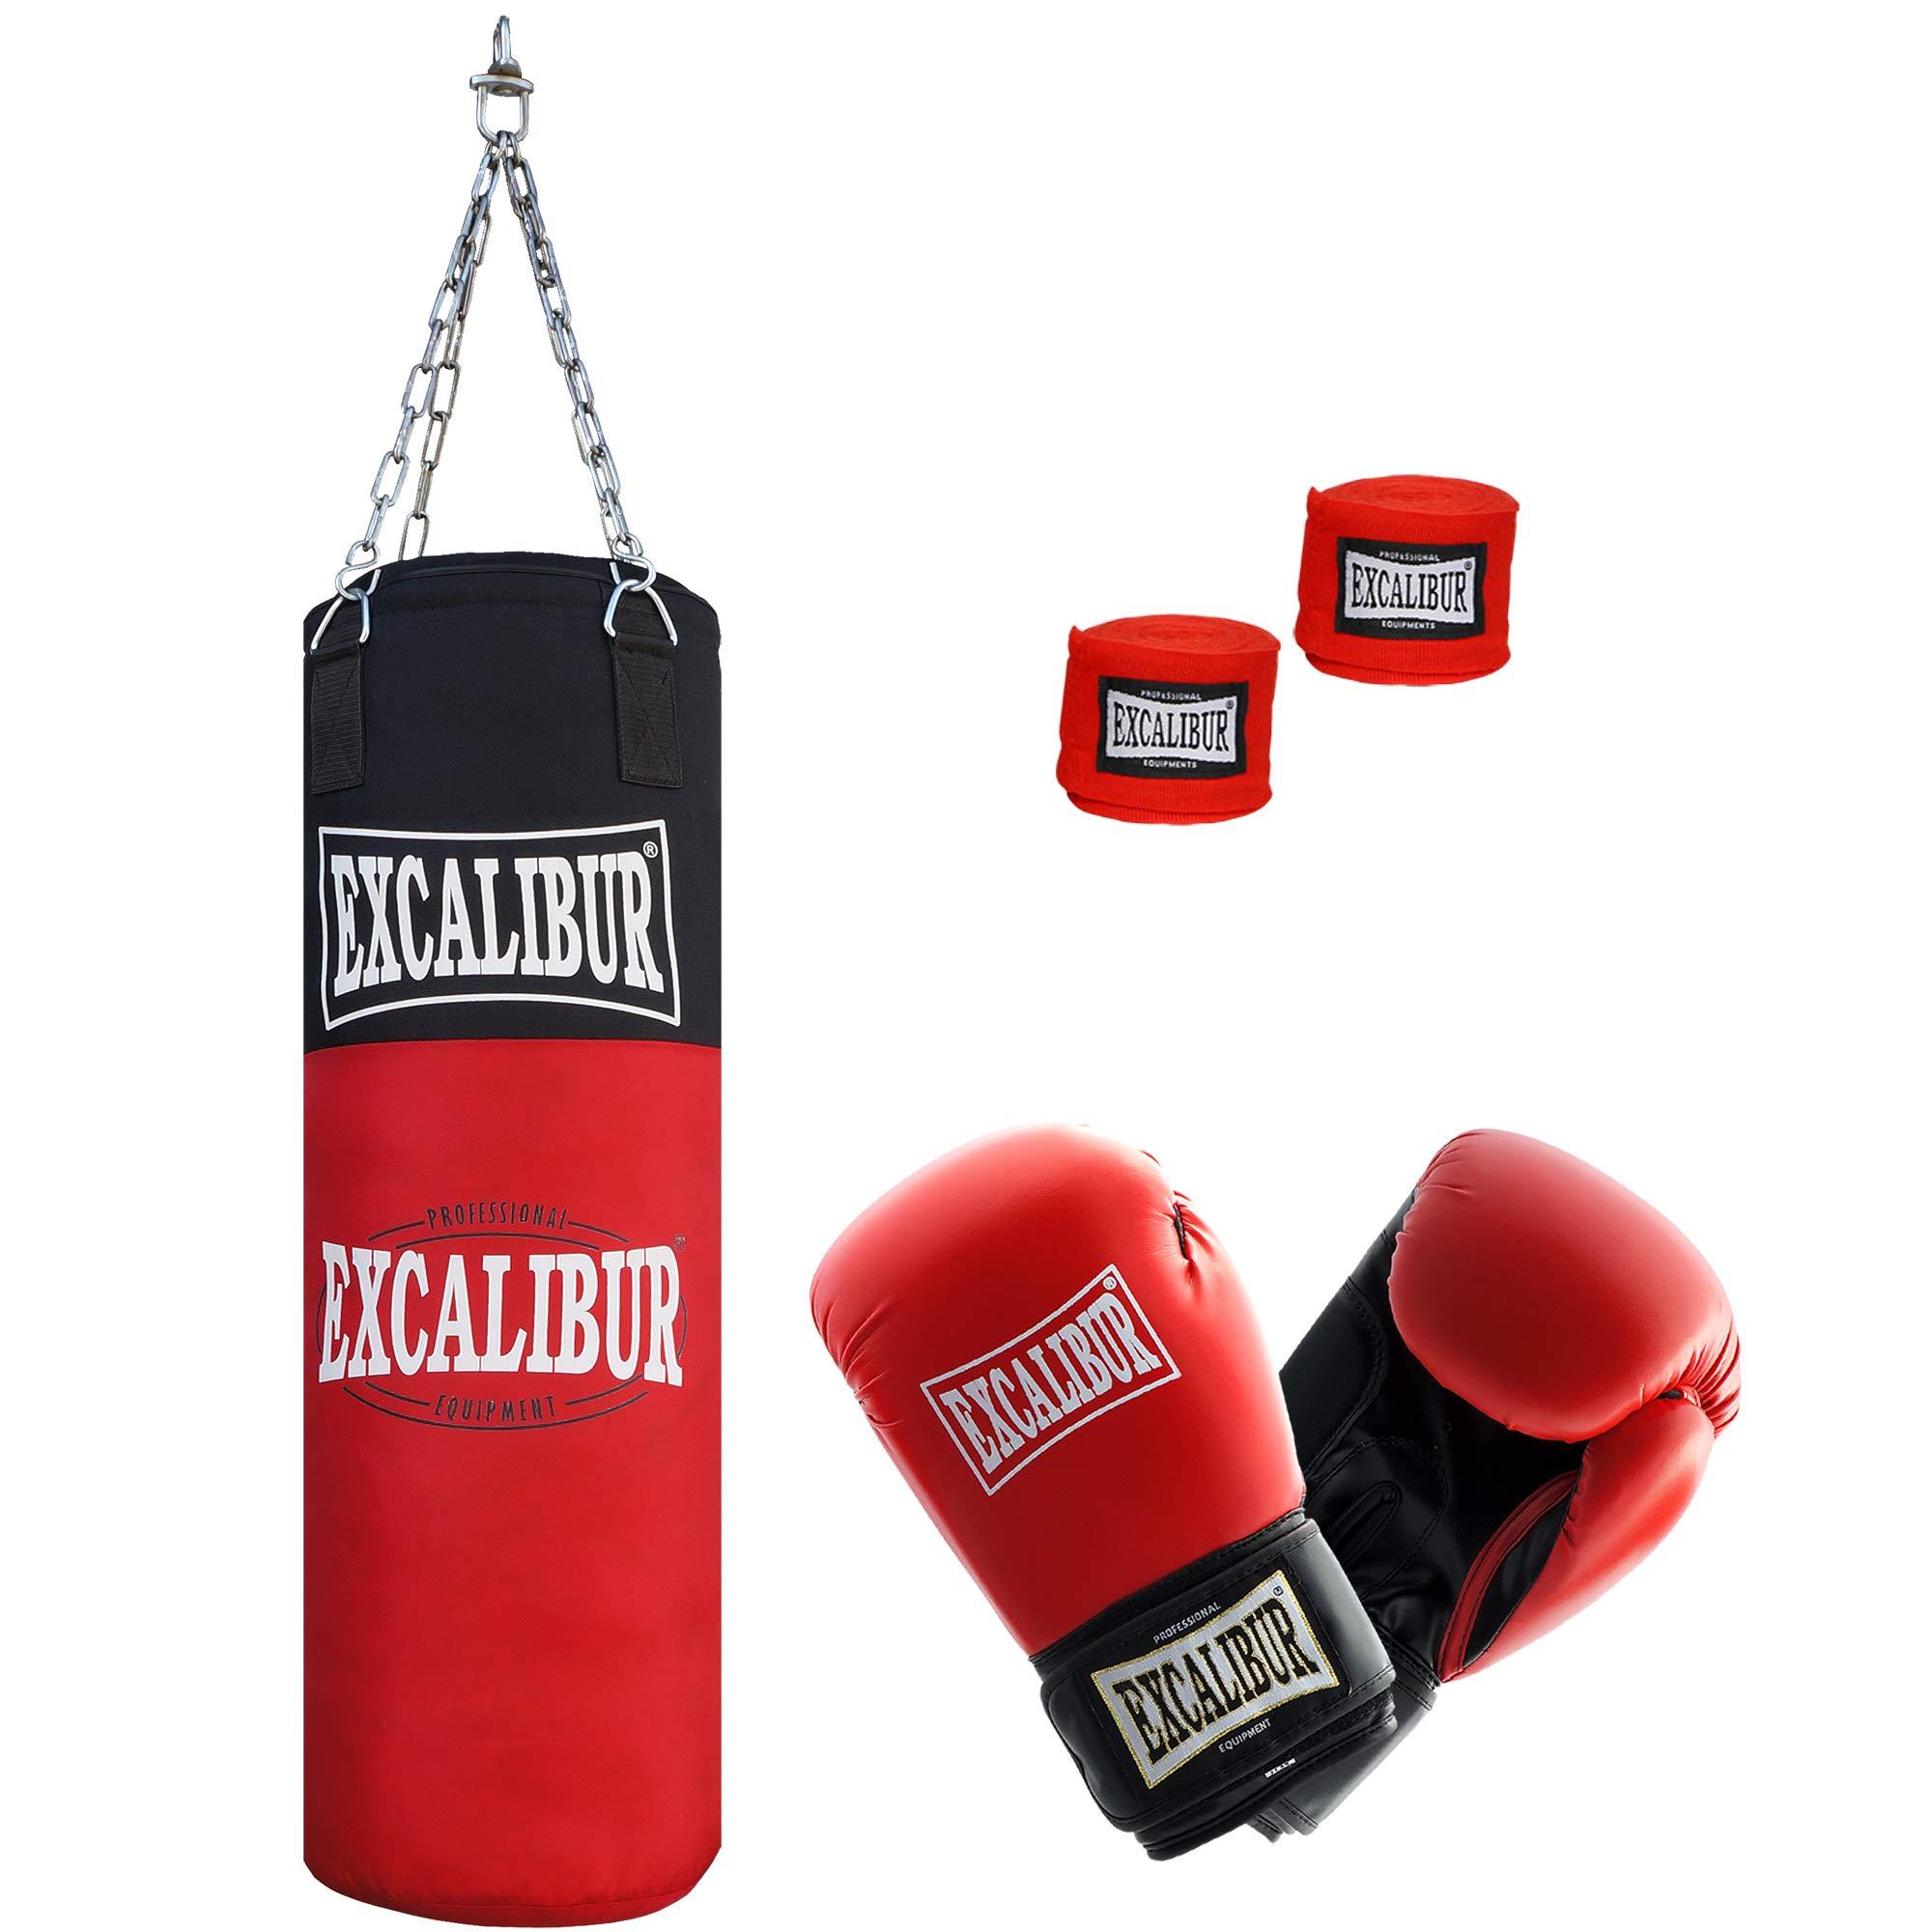 Powered by MAXXUS Handgefertigter Boxsack PUNCHLINE Scorpion 120 Extrem Robust Mit Doppelten N/ähten Und Strapazierbarem Kunstleder Verschiedene Sets Mit Aufh/ängung Und Drehwirbeln 120cm